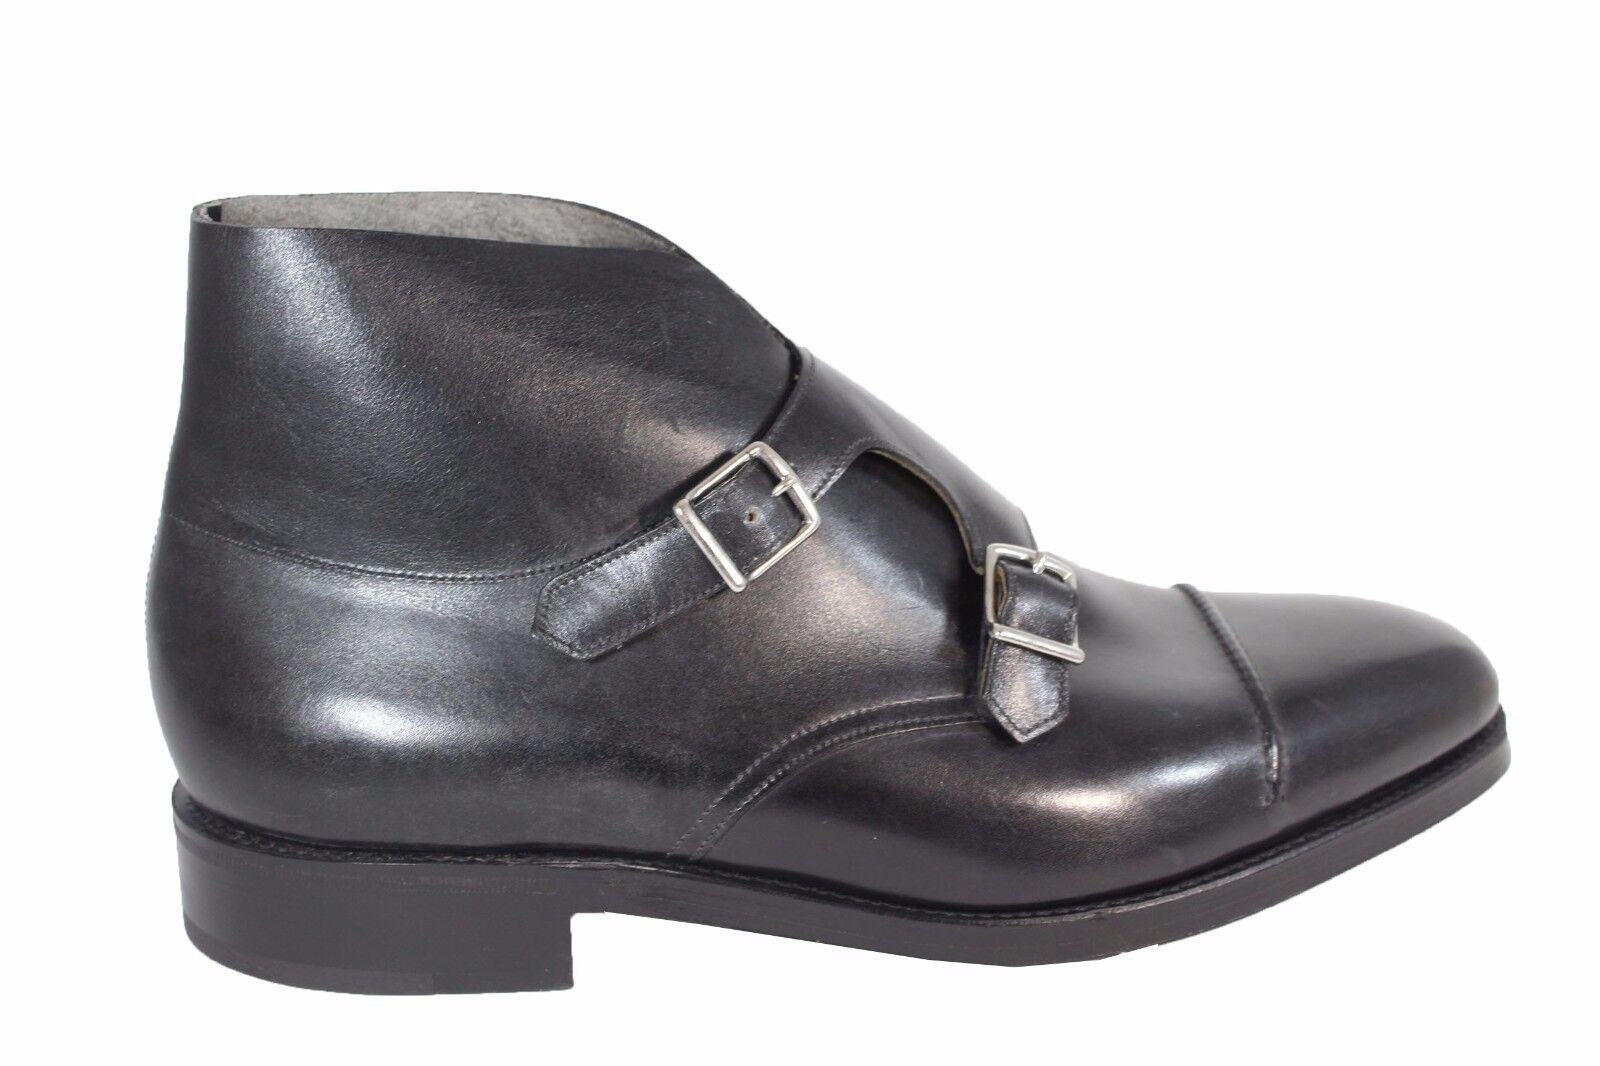 JOHN LOBB William Bo leather monk strap scarpe eleganti pelle con fondo in cuoio